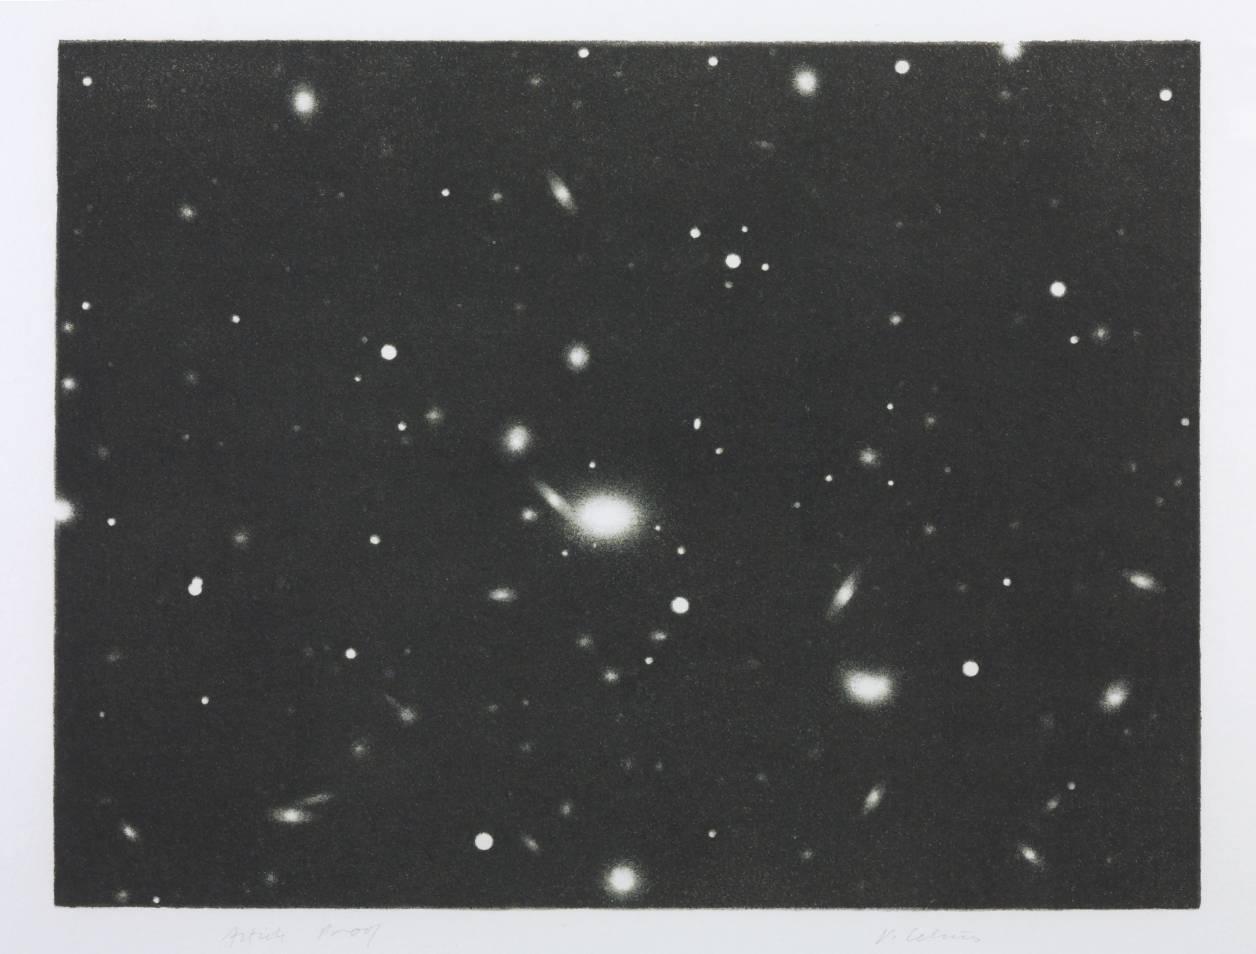 Vija Celmins, 'Galaxy' 1975